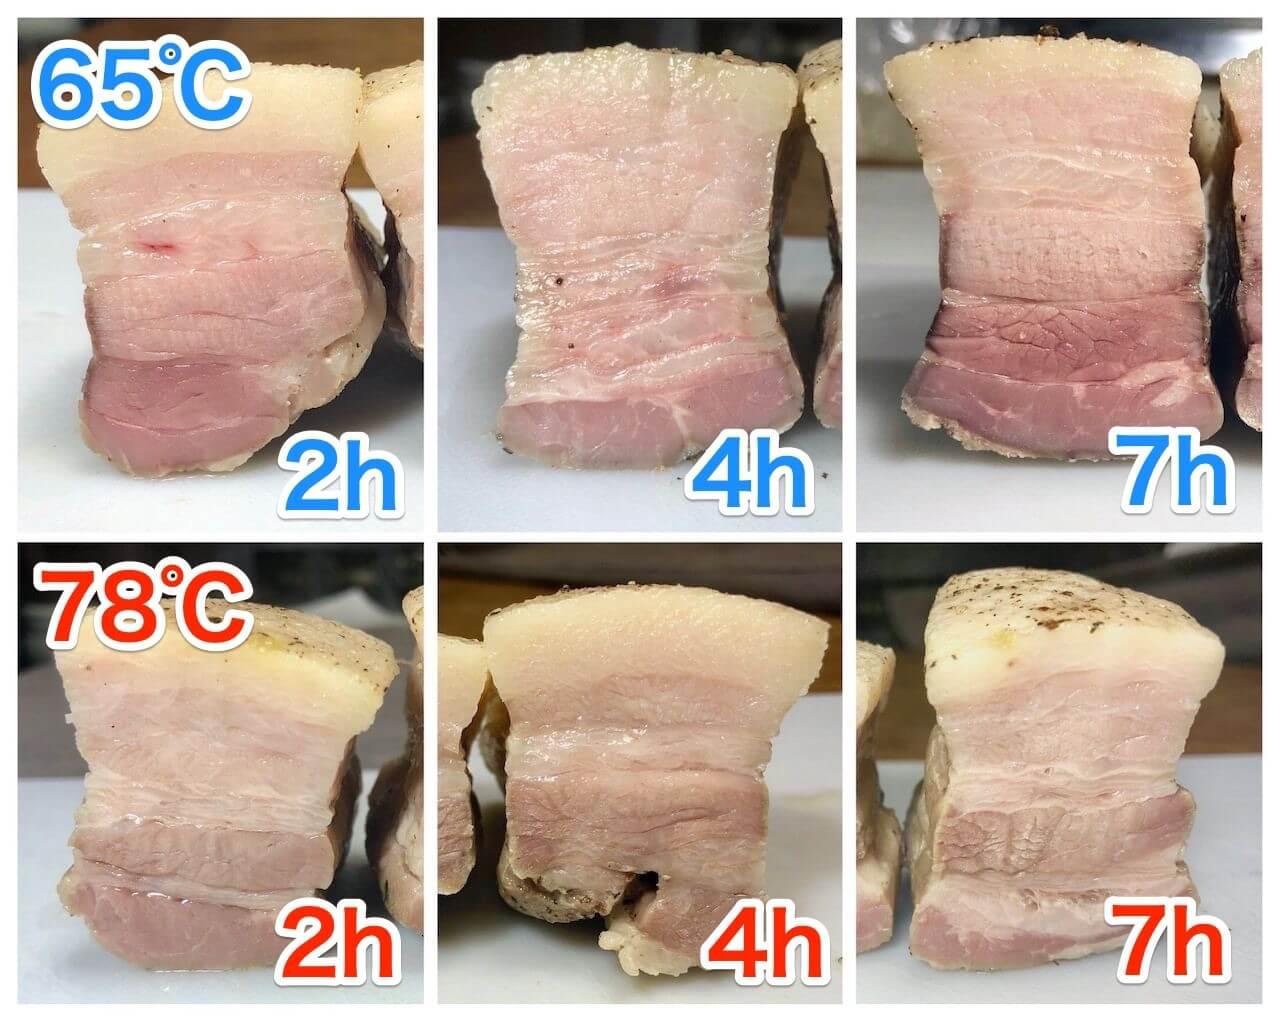 低温調理豚バラ肉比較2